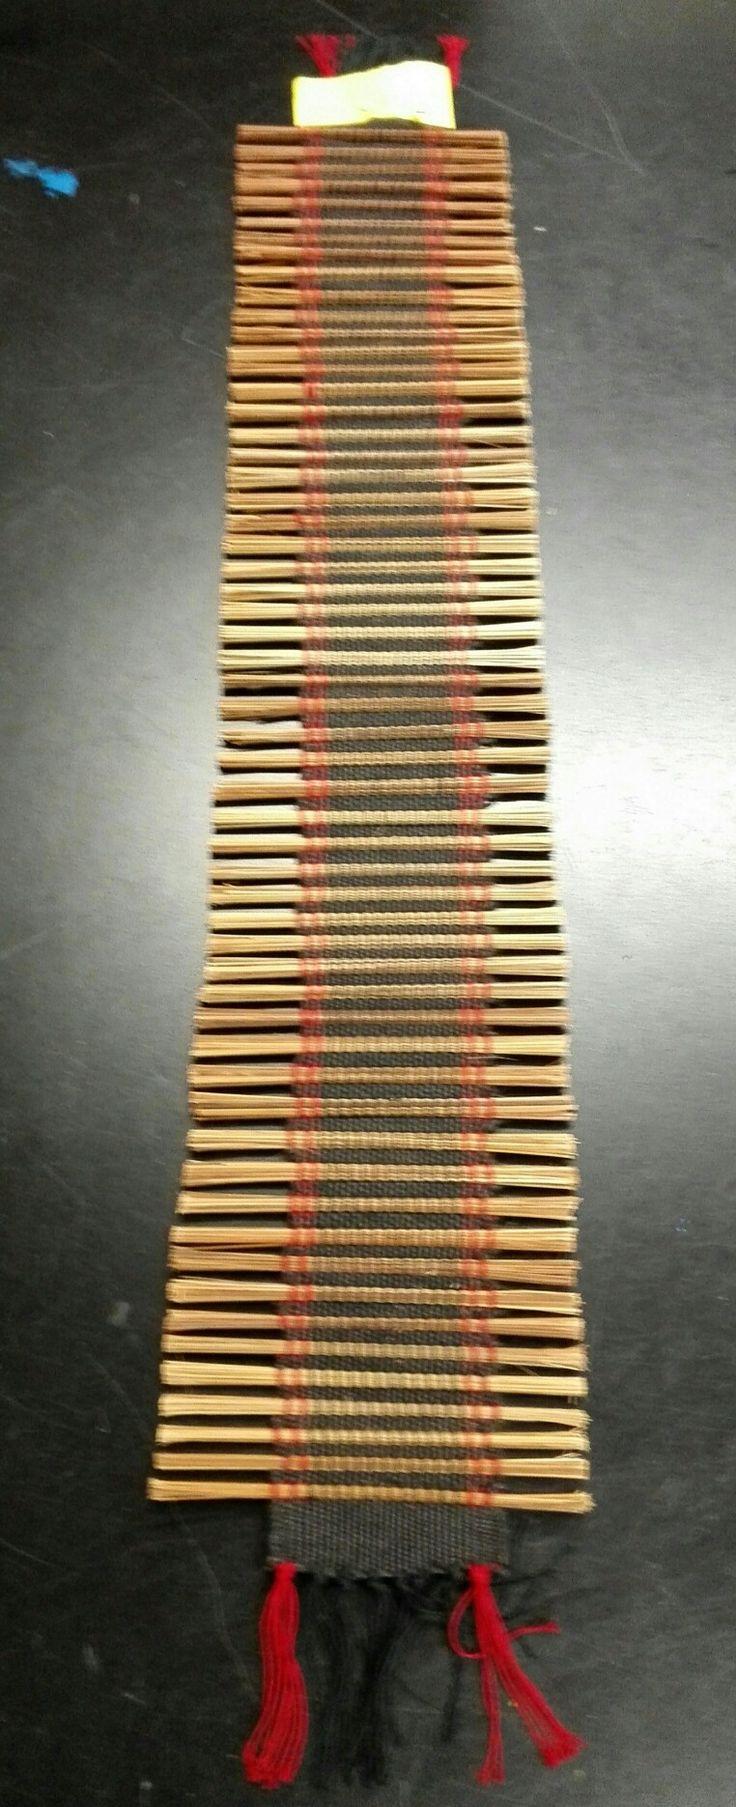 Kapea pöydänpäälinen n.78cm pitkä + hapsut.